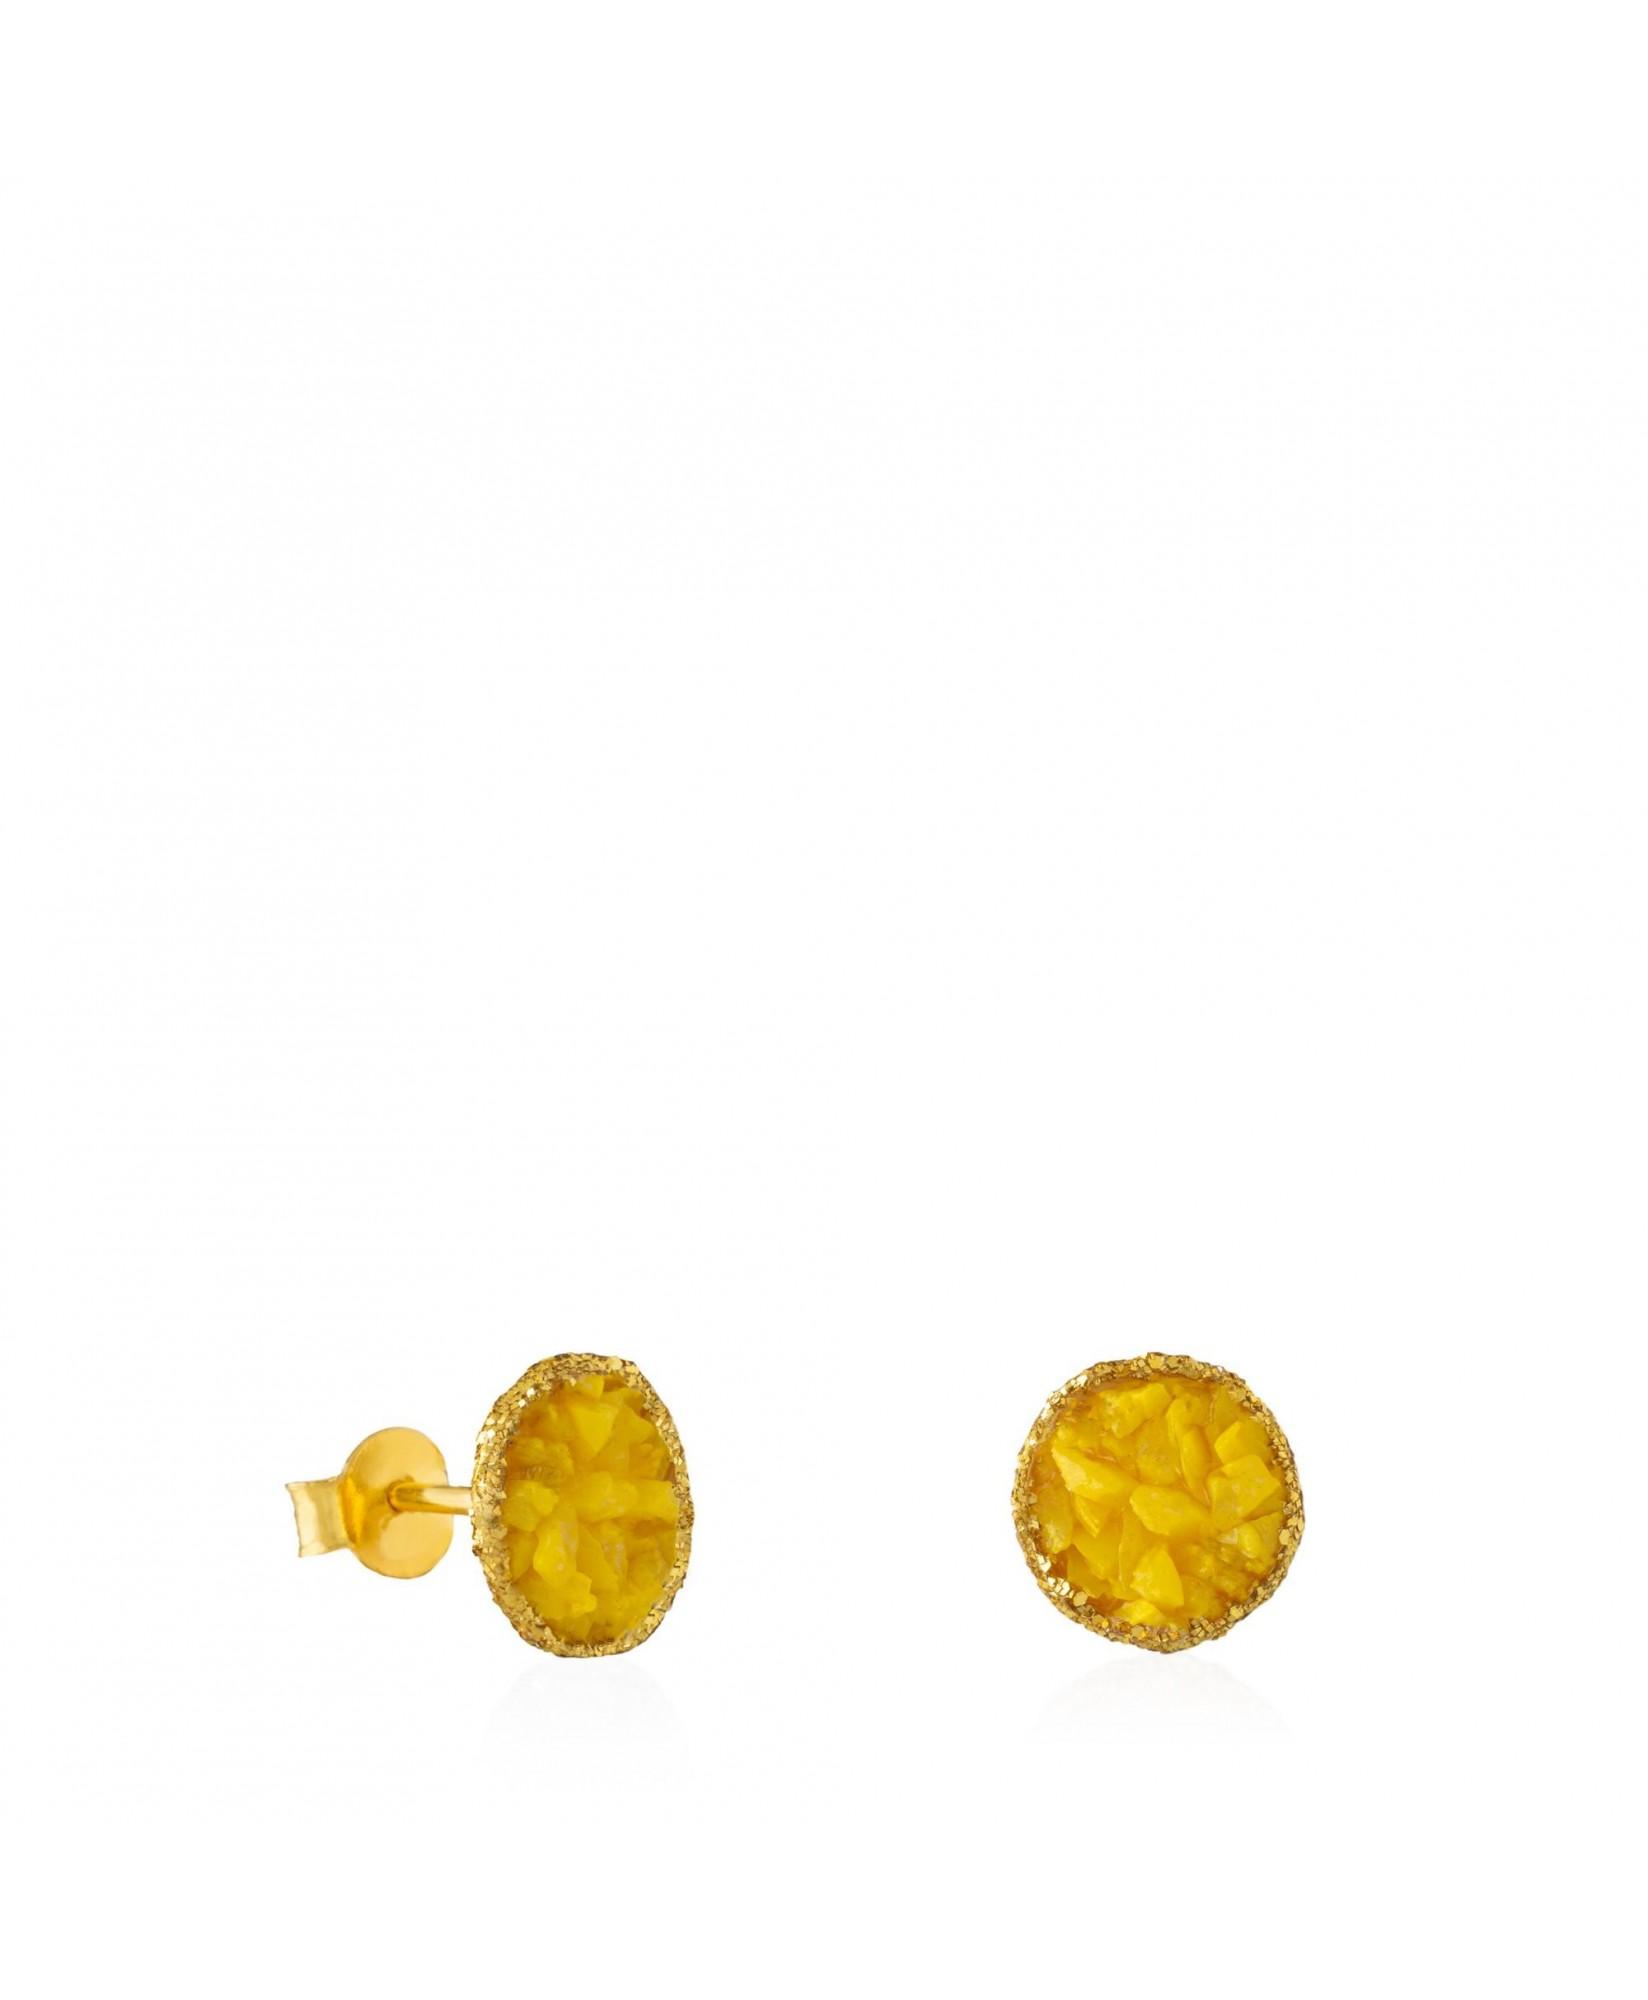 Pendientes dormilonas oro medianos Sun con nácar amarillo Pendientes dormilonas oro medianos Sun con nácar amarillo